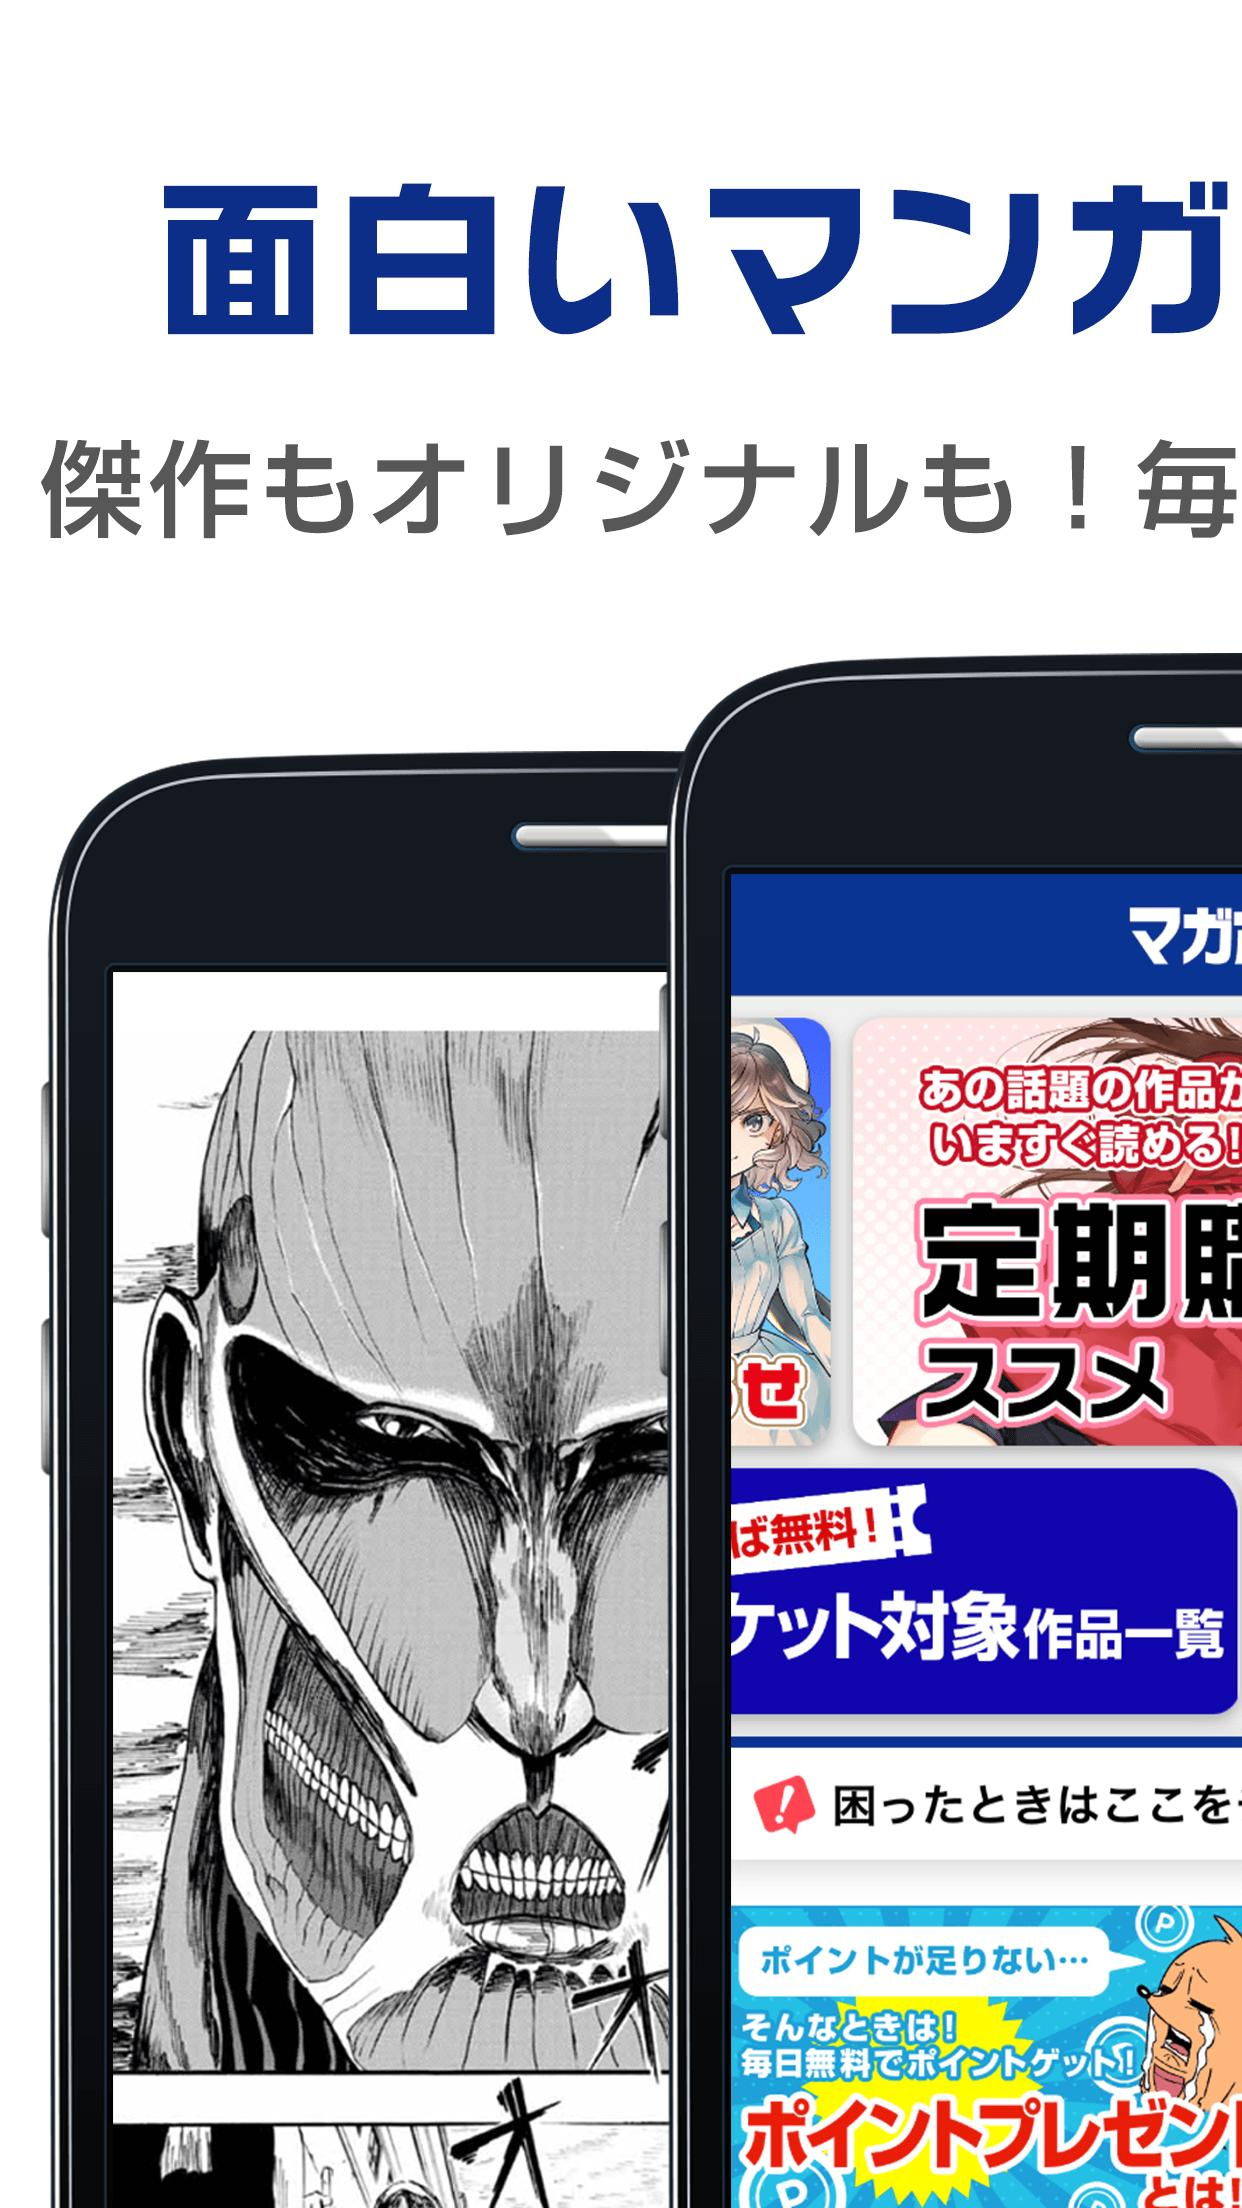 マガポケ 人気マンガが無料で読める、週刊少年マガジン公式コミックアプリ「マガジンポケット」 4.10.2 Screenshot 1